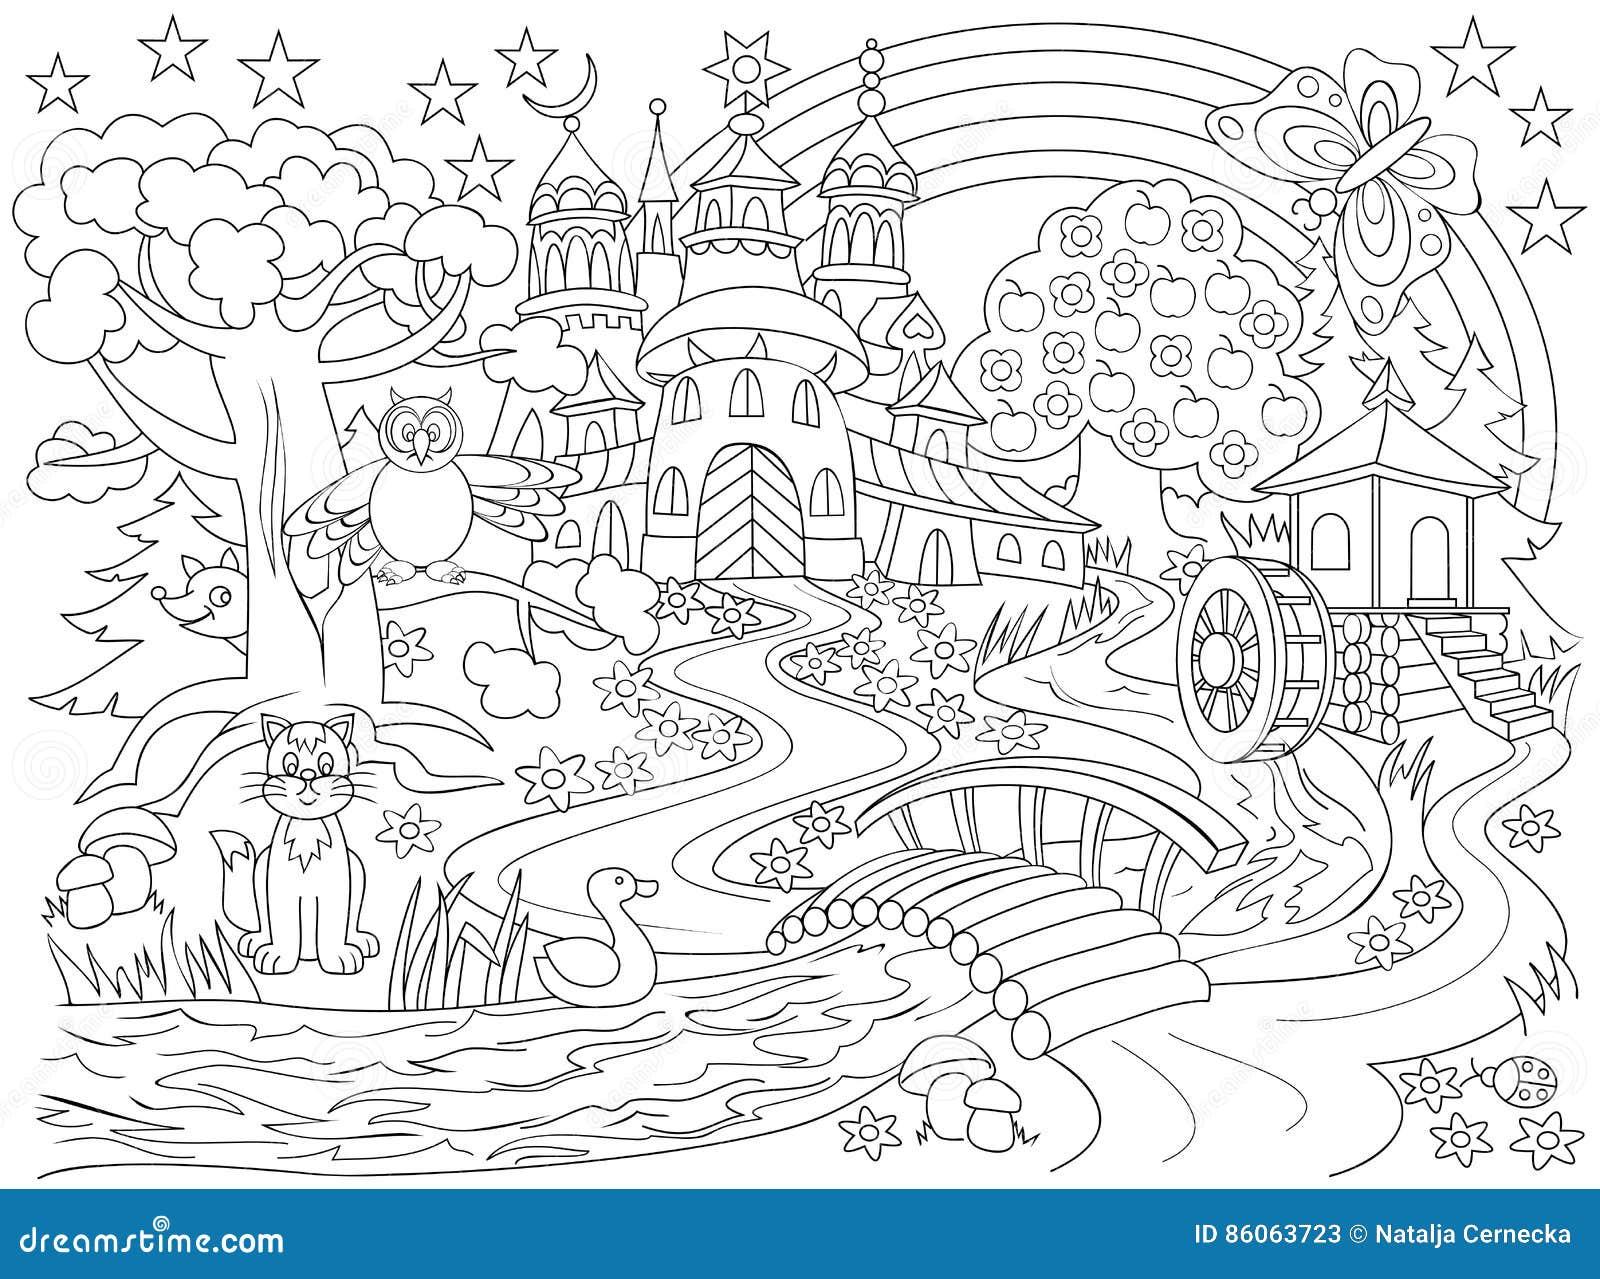 Desenho Preto E Branco Do País Do Mundo Das Fadas Castelo